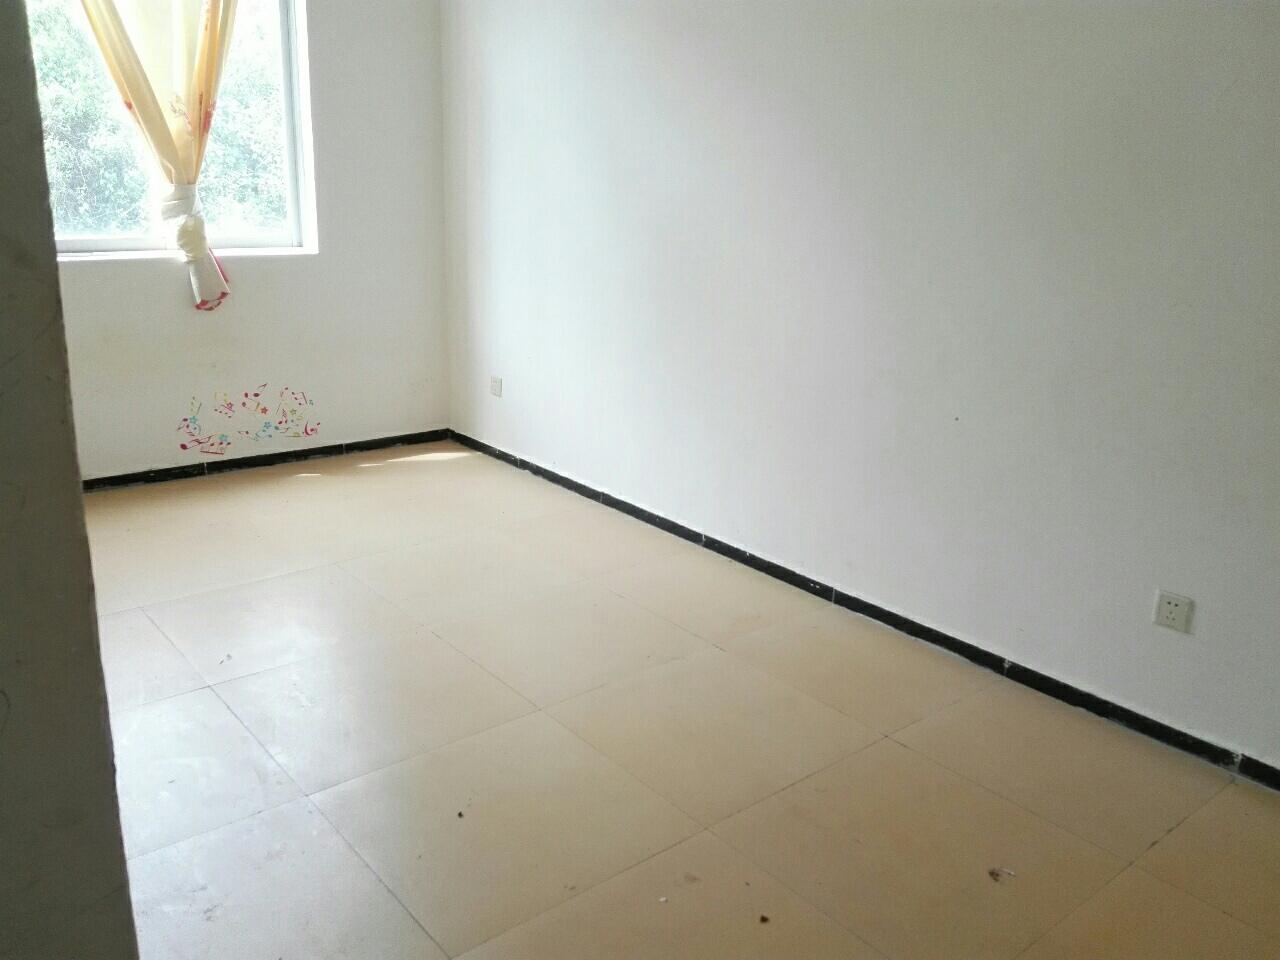 椒莲广场2室 1厅 1卫14.6万元